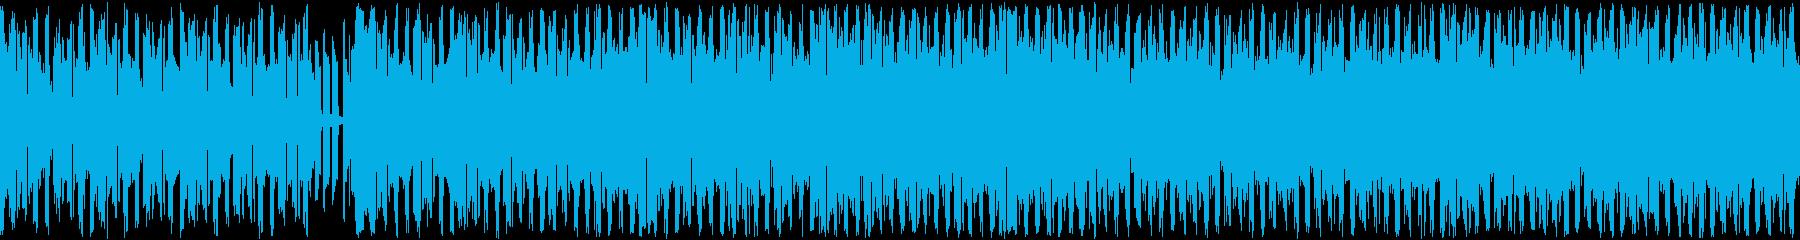 ゲームの準備画面のようなクラブ系BGMの再生済みの波形